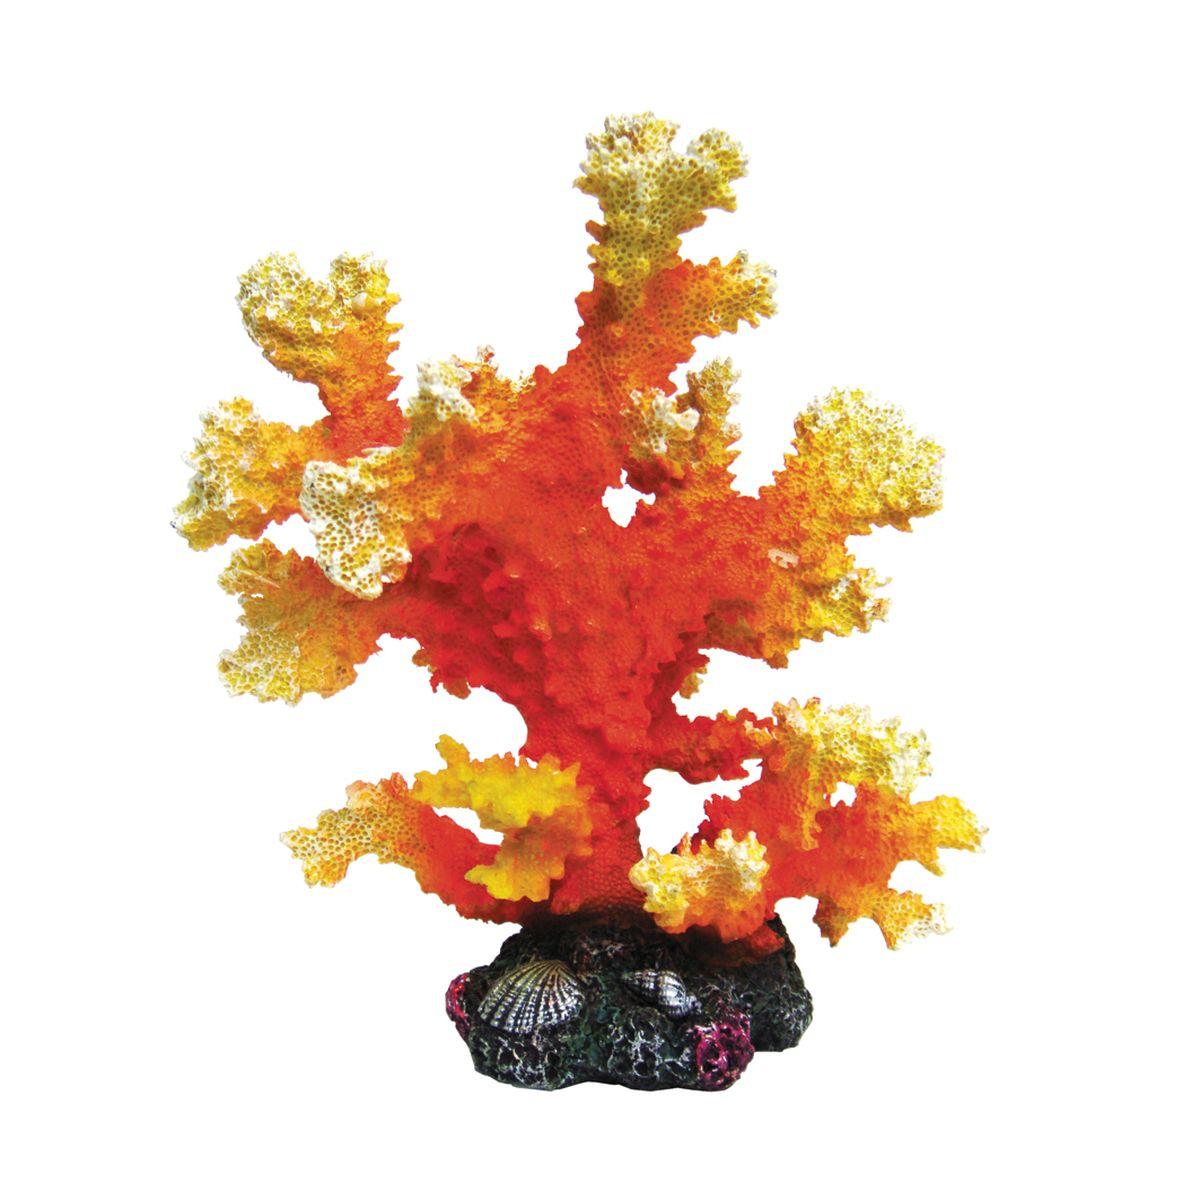 Декорация для аквариума ArtUniq Оранжевый коралл, 14,5 x 13 x 16 смART-2220921Декорация ArtUniq – это яркая и важная часть любой композиции, она поможет вдохнуть жизнь в ландшафт любого аквариума или террариума. Декорация безопасна для обитателей аквариума, она не меняет параметры воды. Многие обитатели аквариума часто используют декорации как укрытия, в которых они живут и размножаются. Благодаря декорациям ArtUniq вы сможете создать прекрасный пейзаж на дне вашего аквариума или террариума.